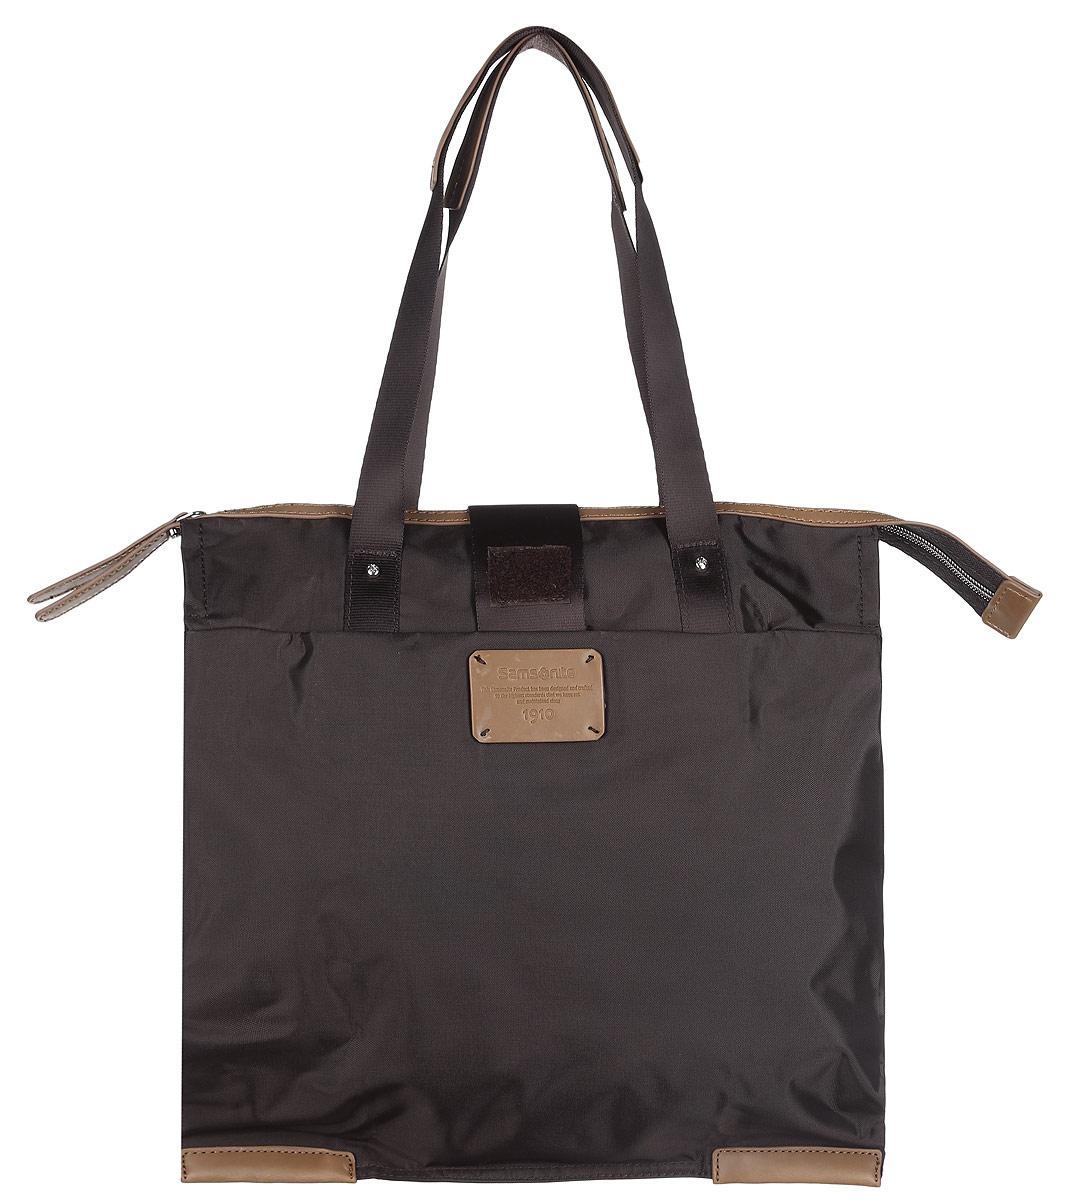 Сумка складная Samsonite, цвет: темно-коричневый. 52V-37001A-B86-05-CСкладная женская сумка Samsonite выполнена из полиамида с добавлением полиуретана и оформлена контрастными вставками и нашивкой логотипа бренда. Изделие содержит одно вместительное отделение, закрывающееся на застежку-молнию. На внешней стороне сумки есть прорезной открытый карман. Сумка оснащена двумя удобными ручками, высота которых позволяет носить сумку как в руке, так и на плече.Сумка не имеет жесткой структуры, за счет чего быстро складывается и фиксируется хлястиком с липучкой и не занимает много места. Такая сумка будет удобна в хранении и в использовании.